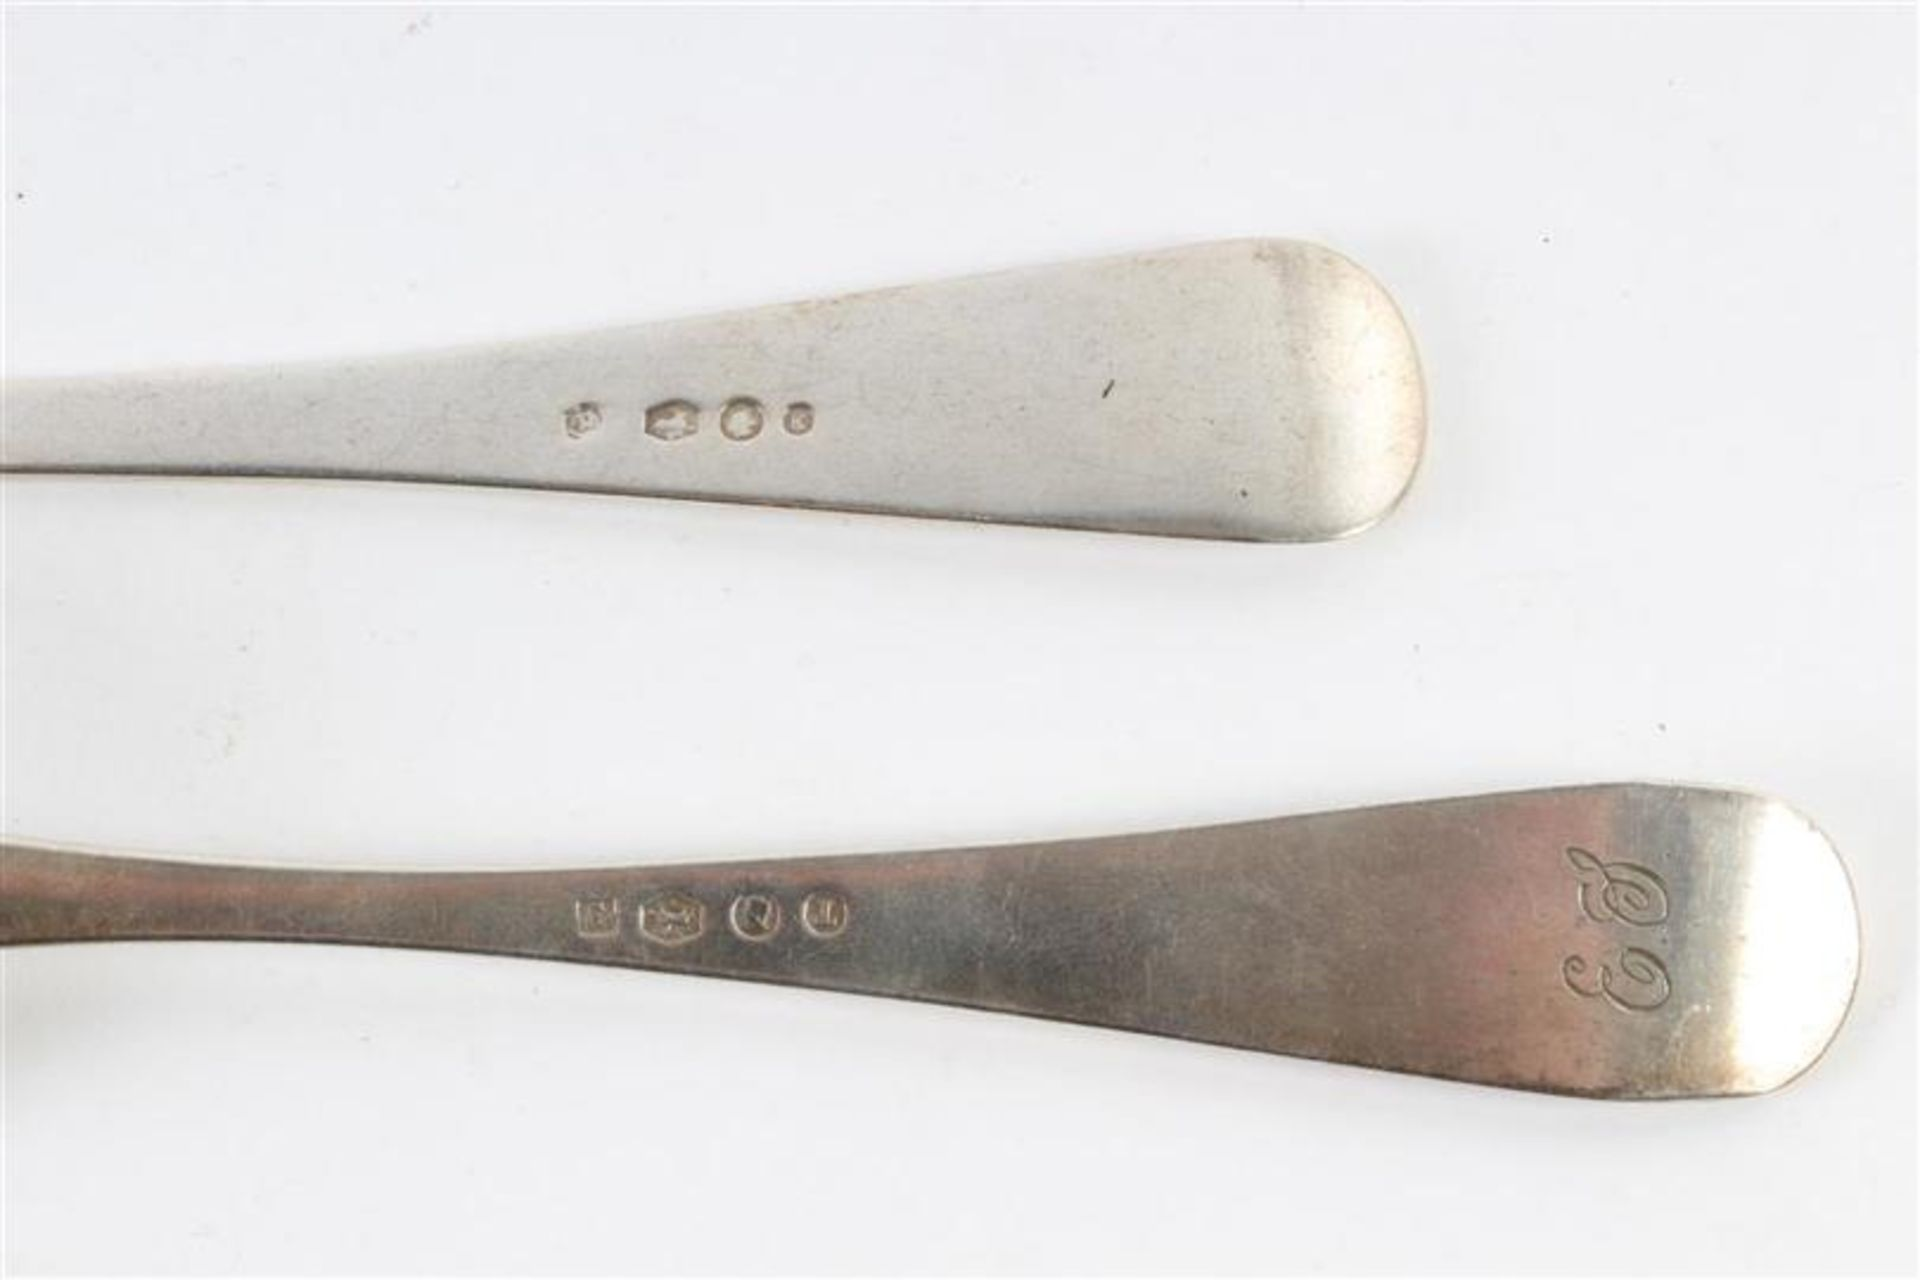 Los 30 - Divers zilveren bestek en dienbestek. Gewicht: 620 g.